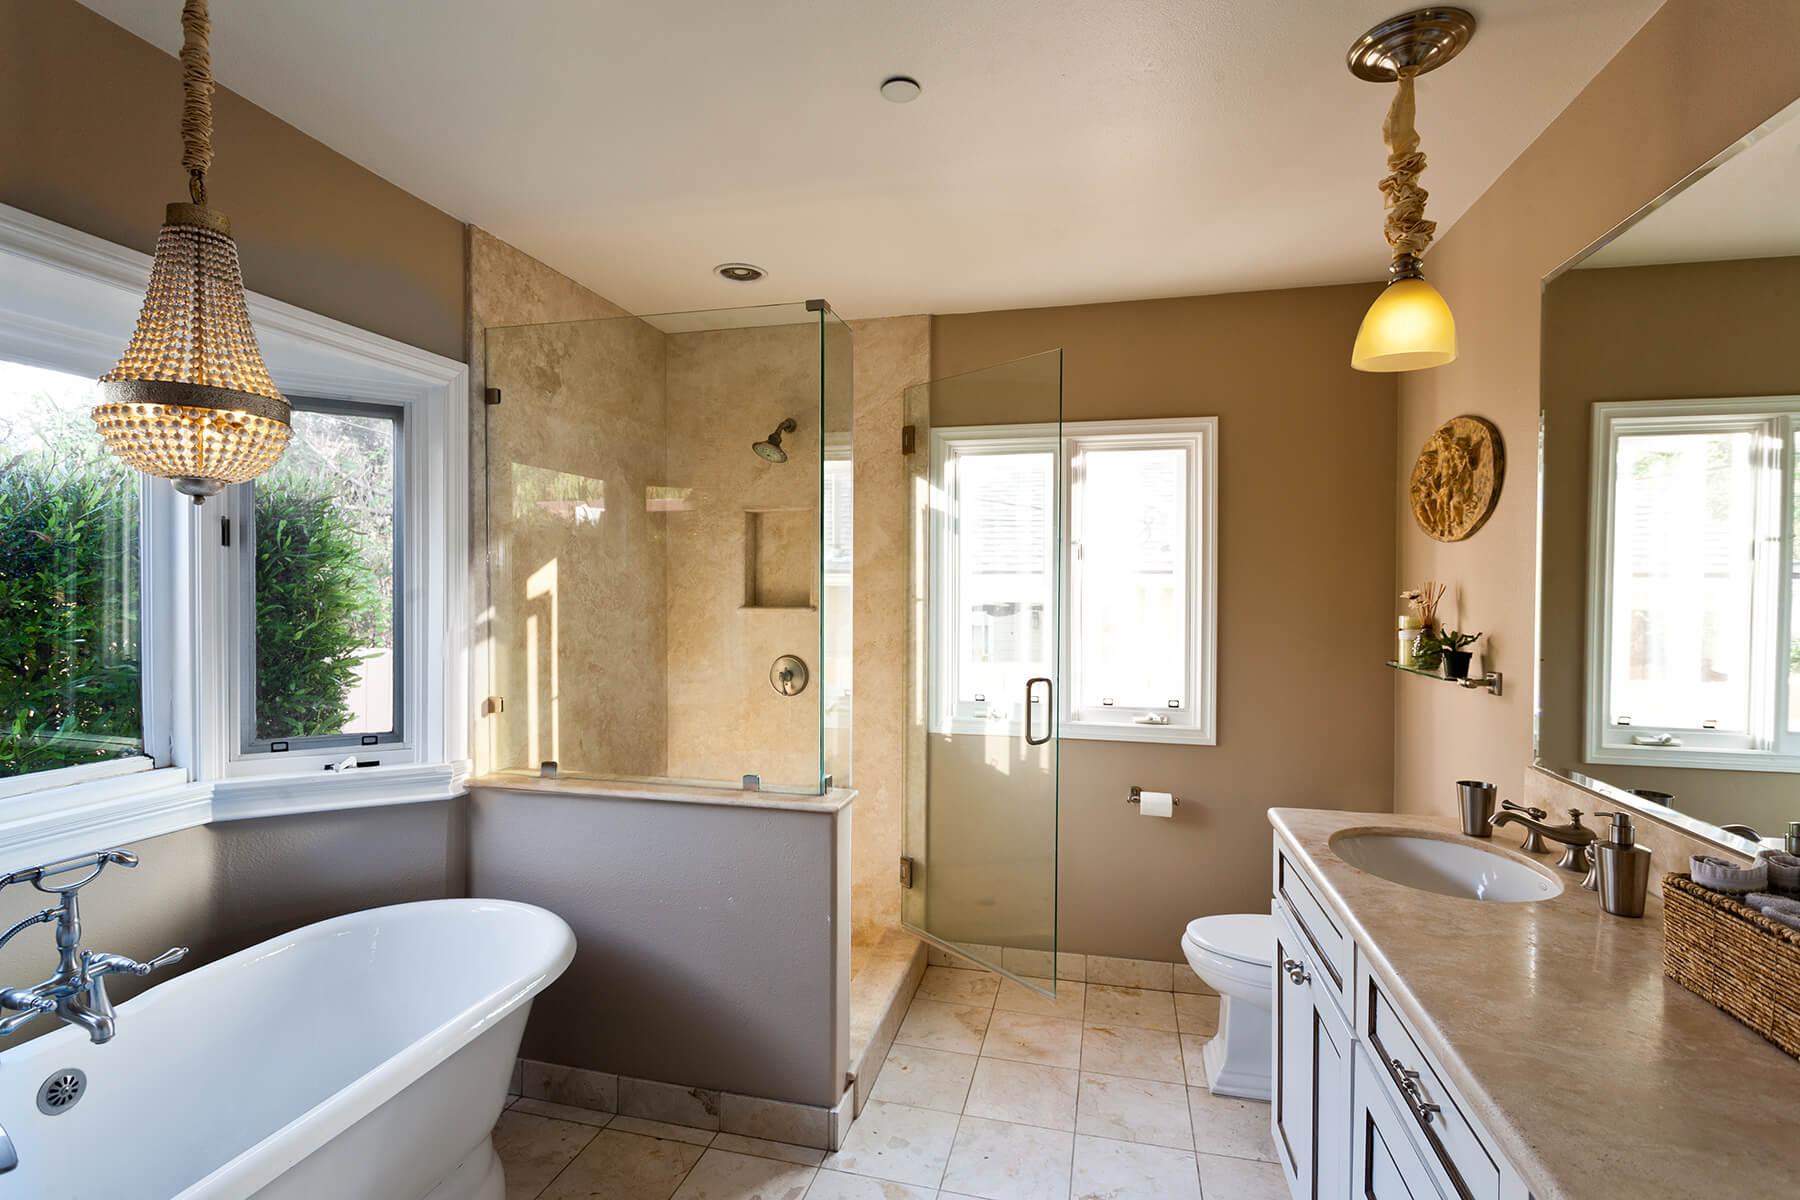 Accessoires voor de badkamer - Tips & Inspiratie | Wiki Wonen